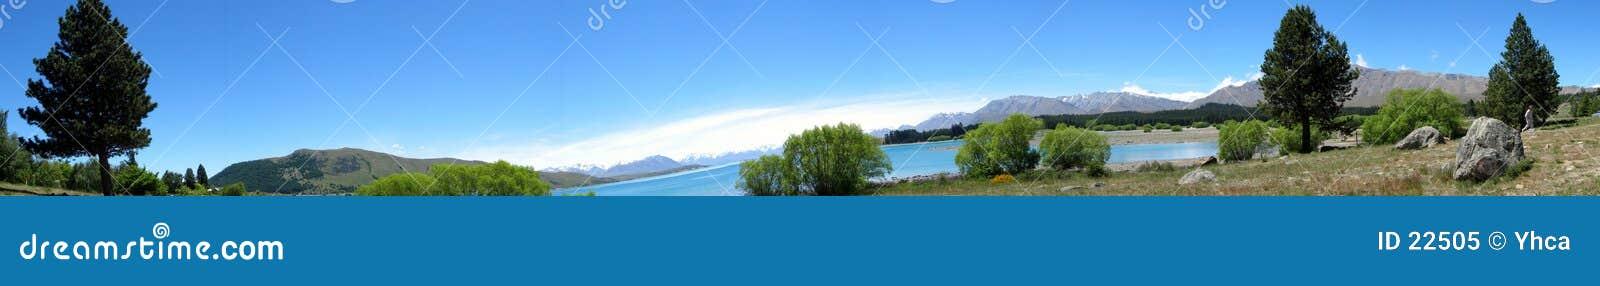 Lake & mountain panorama